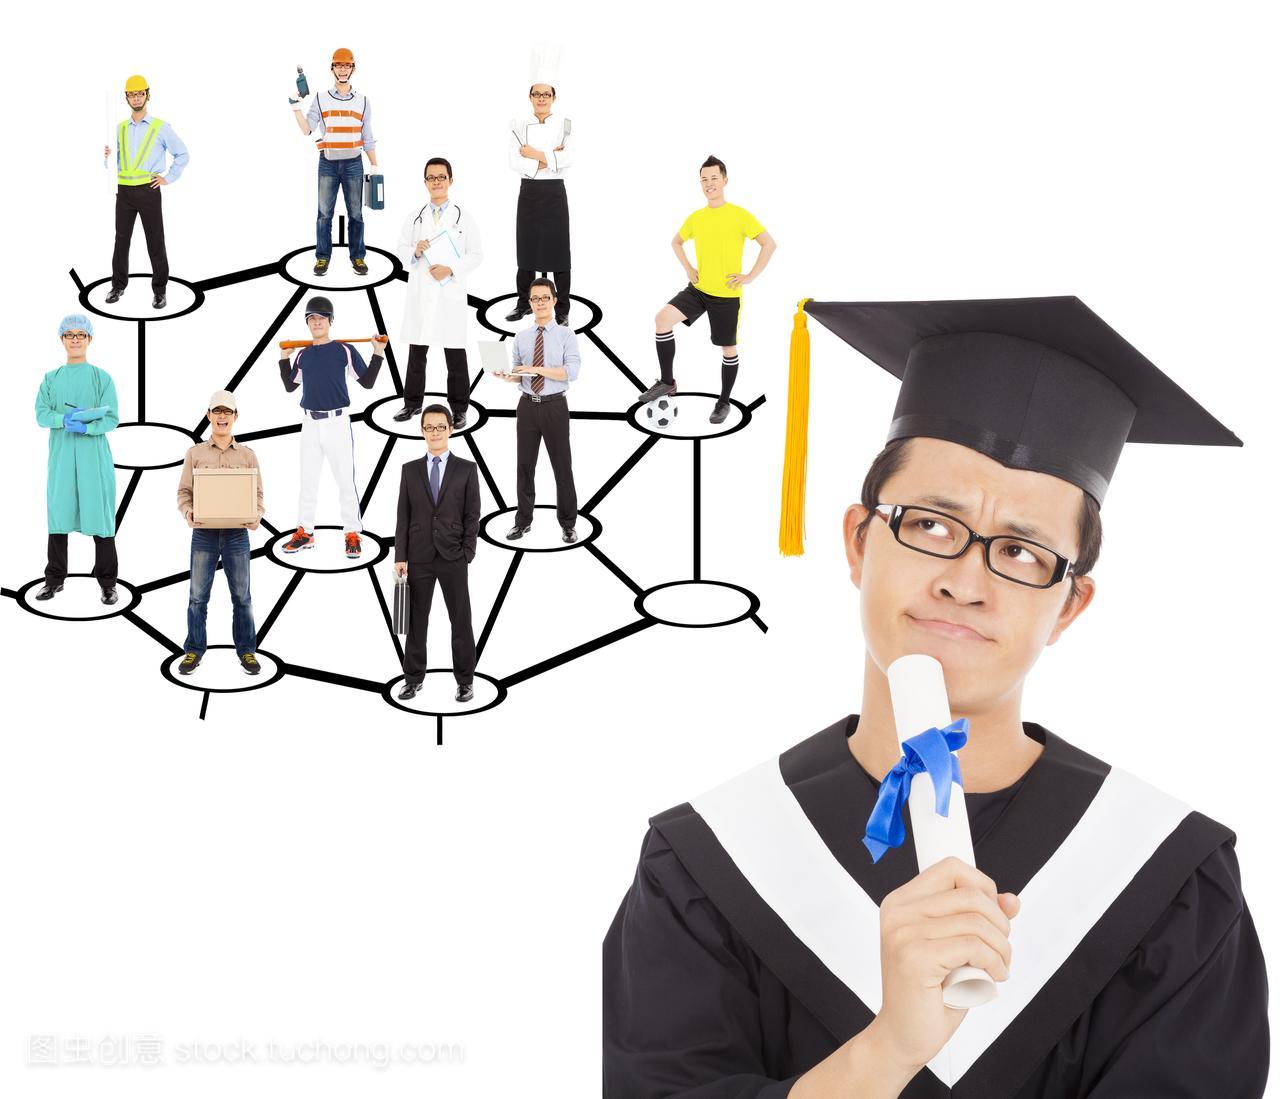 研究生生活及职业生涯规划300字_职业生涯规划300字图片